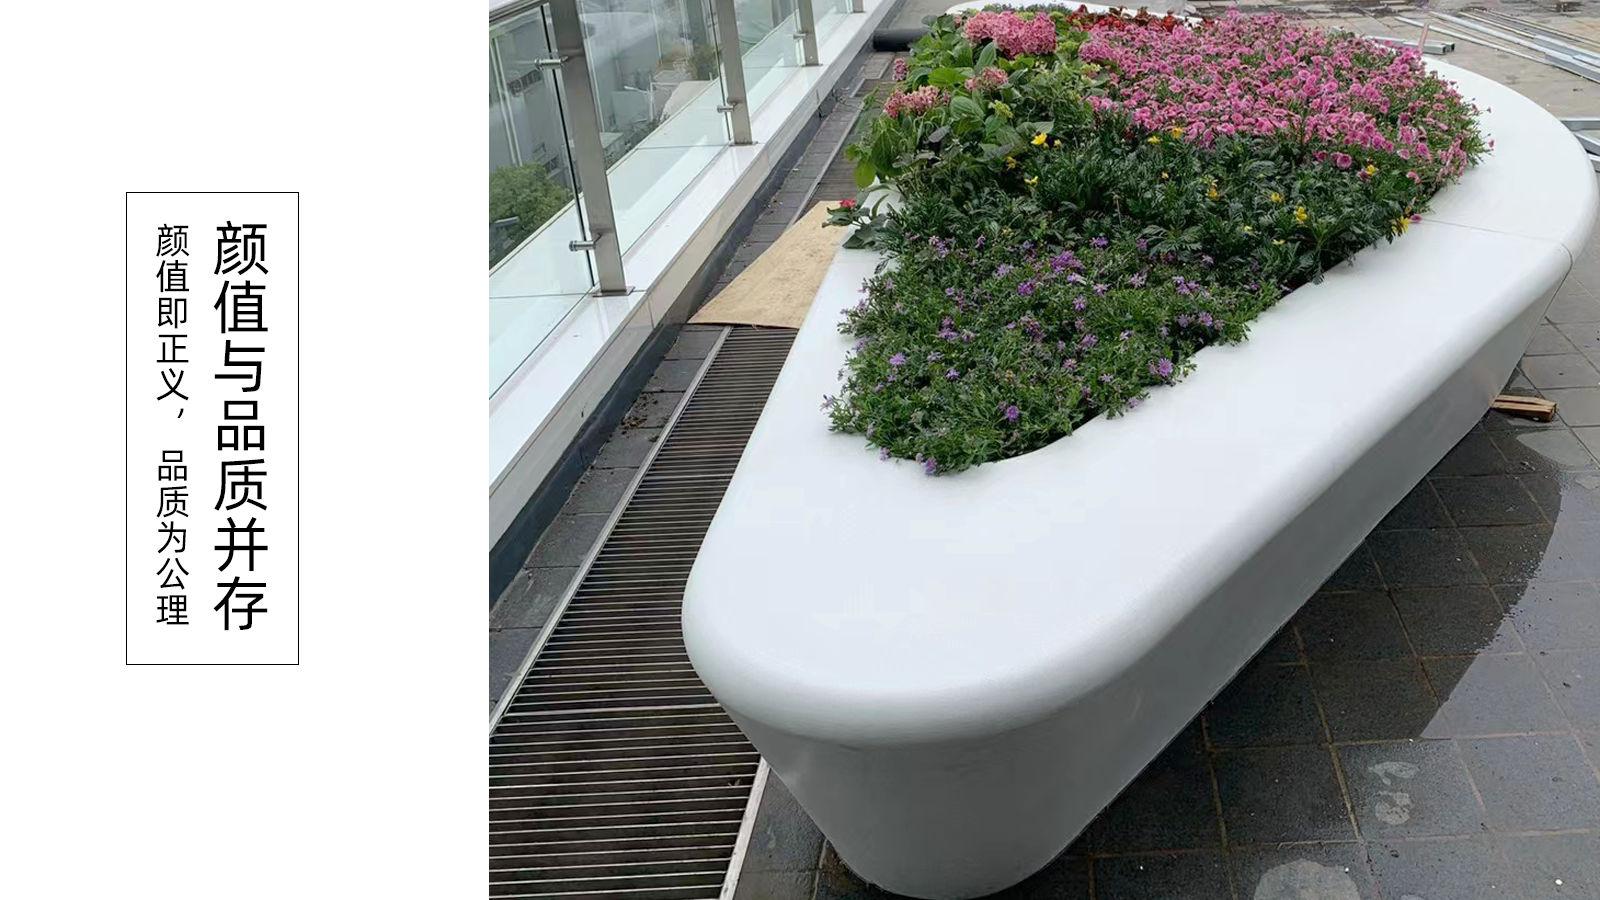 阿尔博苏州树池坐凳